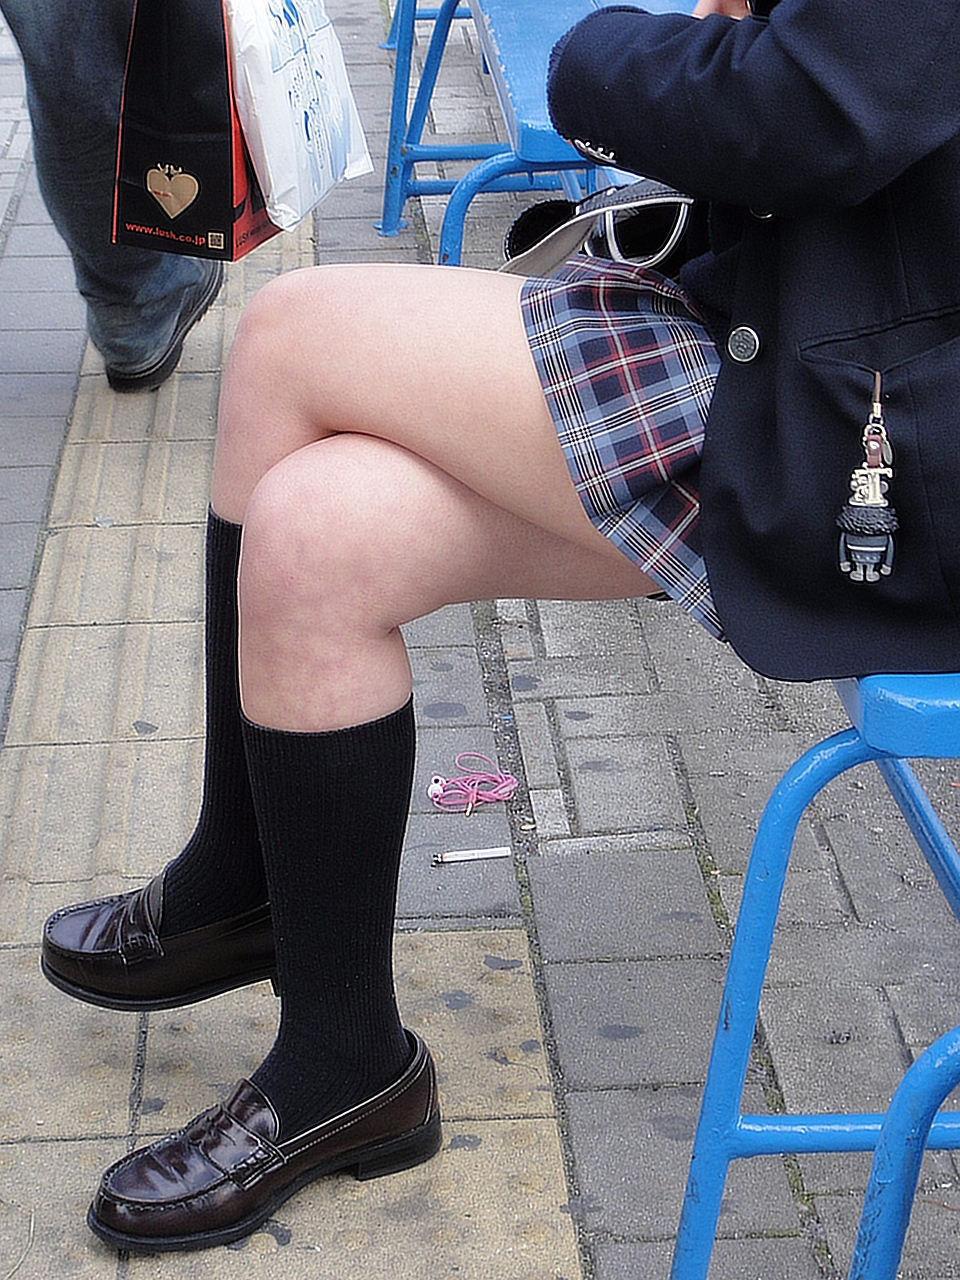 三次元 3次元 エロ画像 足を組む 美脚 べっぴん娘通信 012